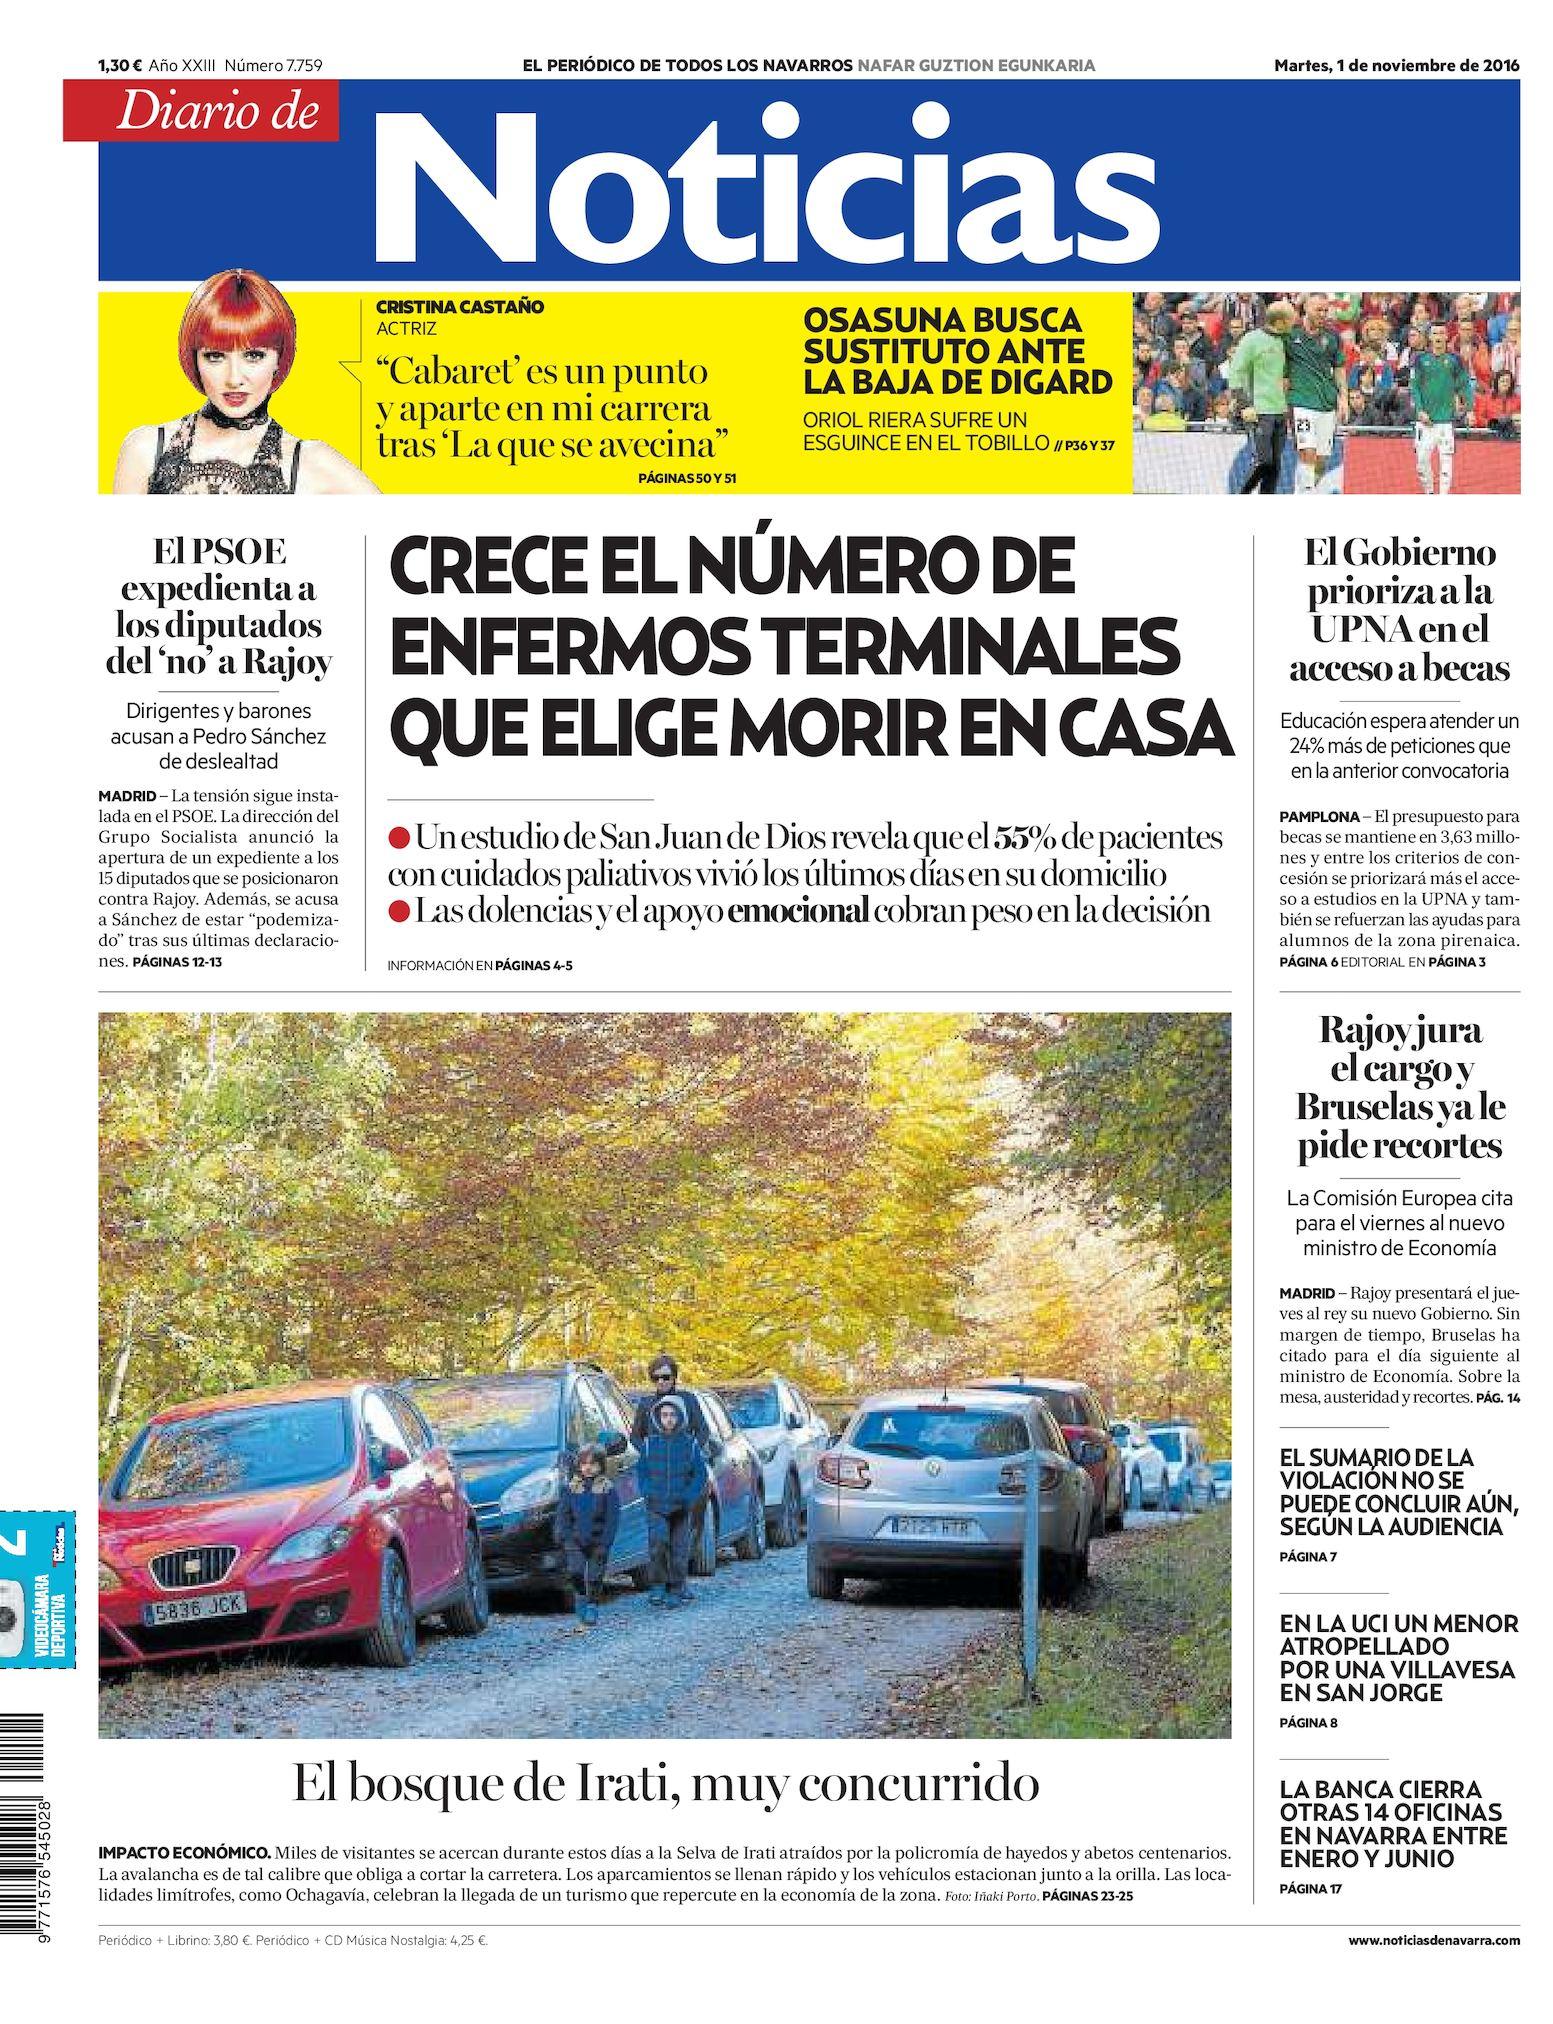 82e28f5d1aae Calaméo - Diario de Noticias 20161101